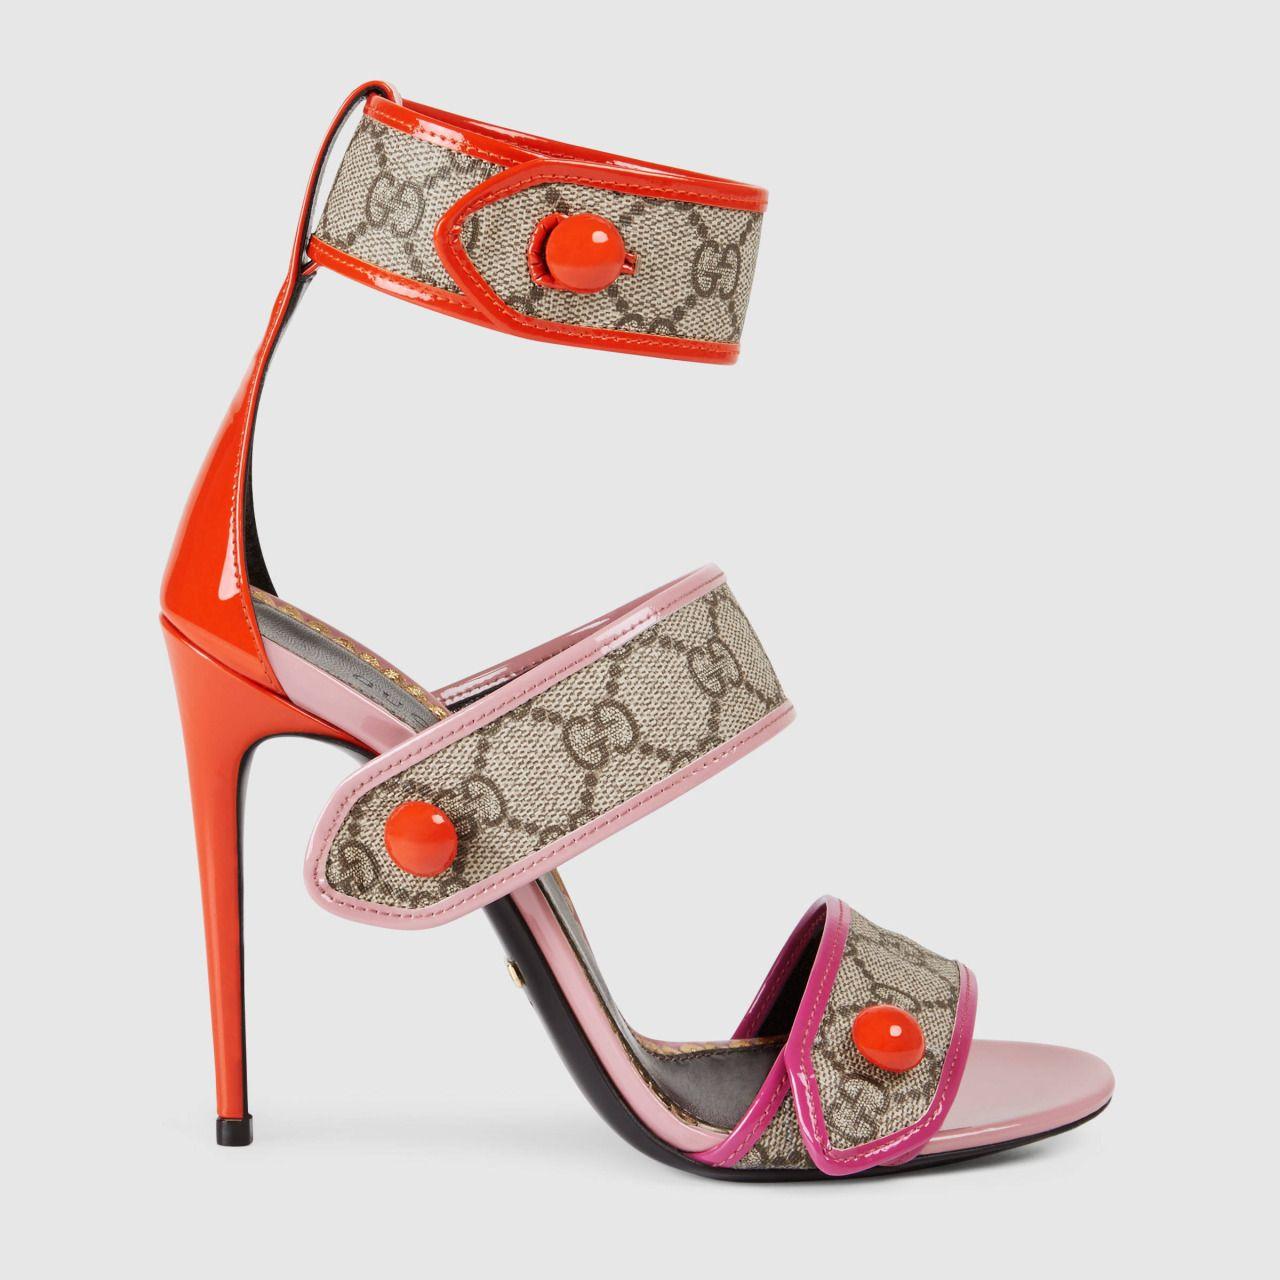 a64288235d6e Gucci Women - GG Supreme sandal